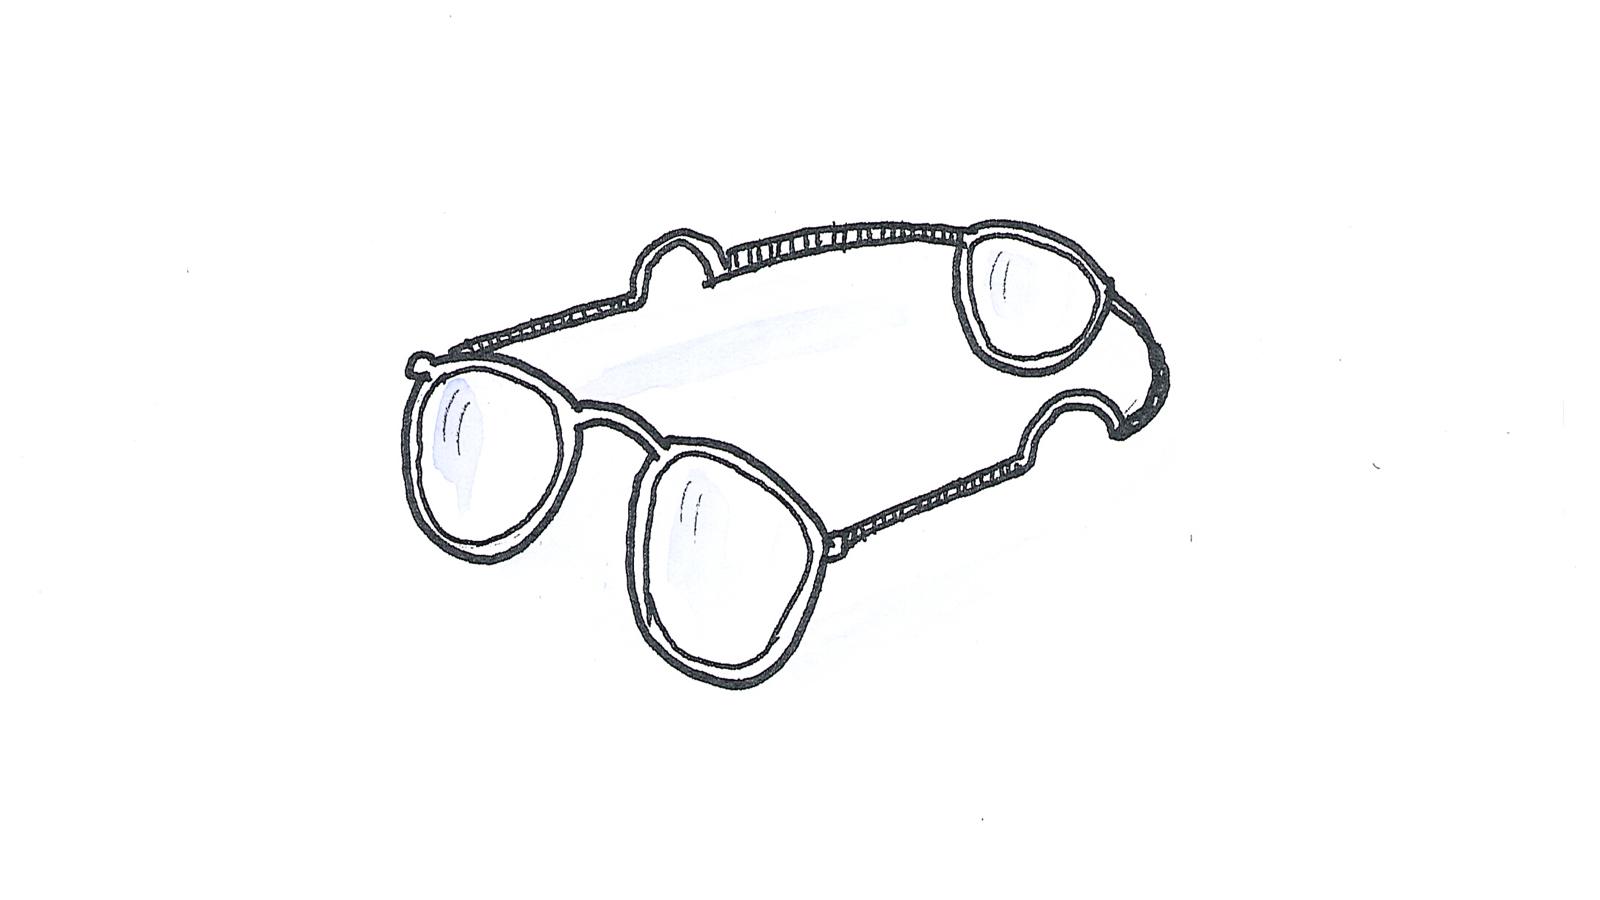 Wenn wir alle ein drittes Auge hätten: Brillen hätten drei Gläser